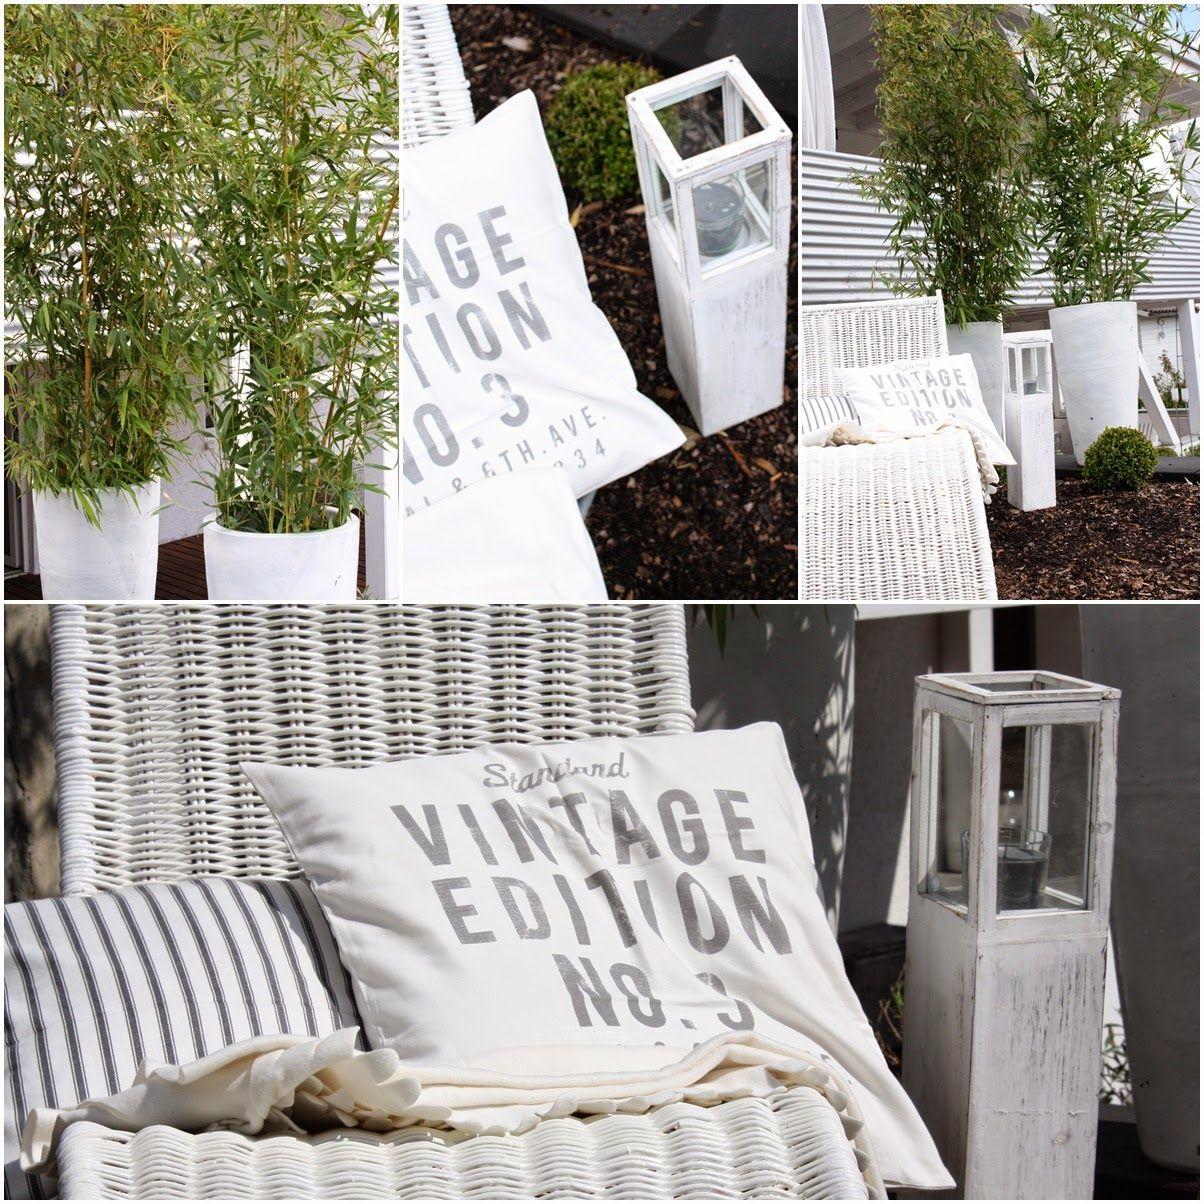 bambus, White, outdoor, garden